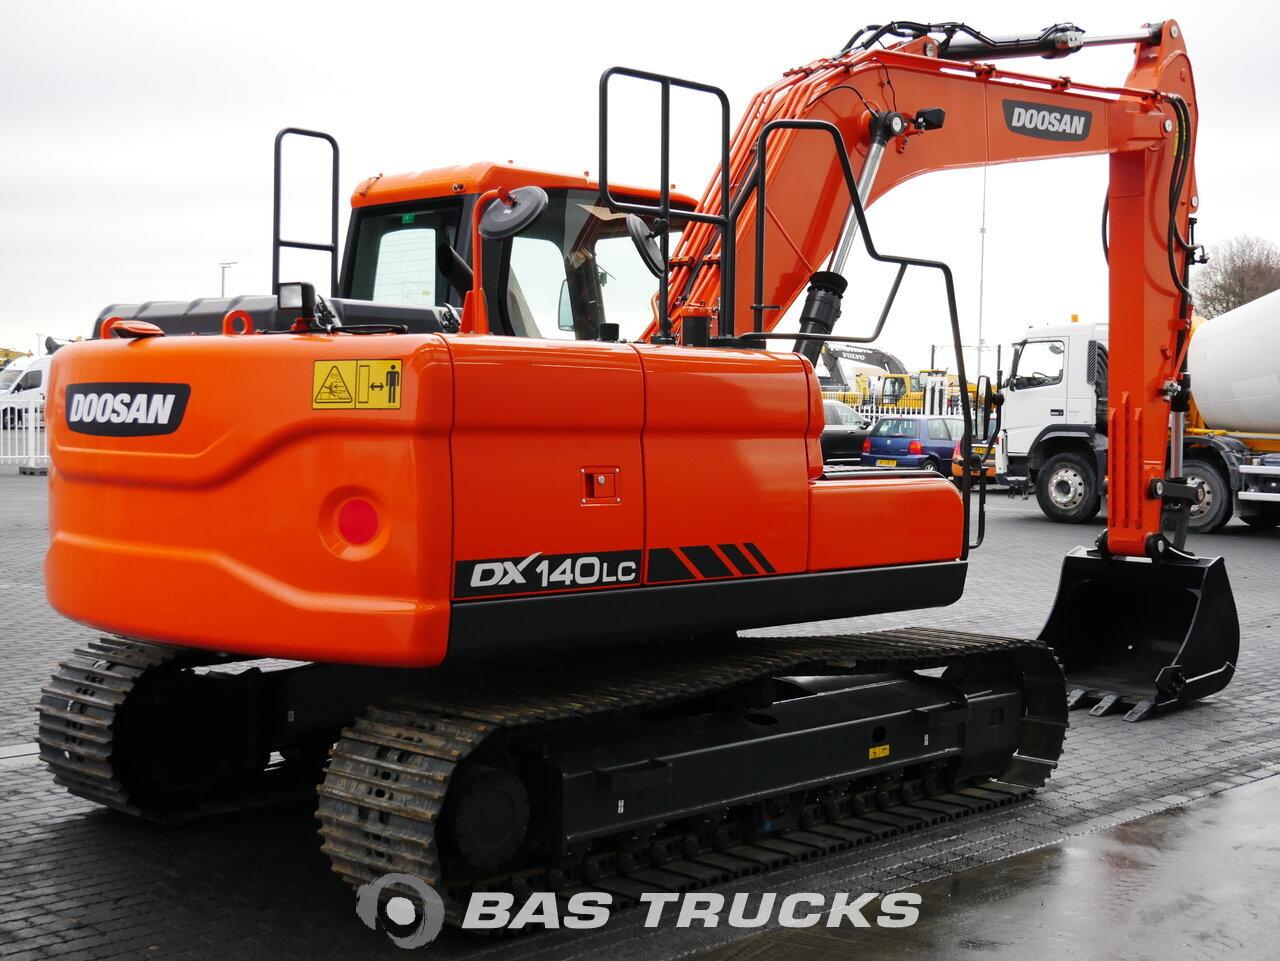 foto de Usado Máquinaria de construcción Doosan DX140LC Track 2018